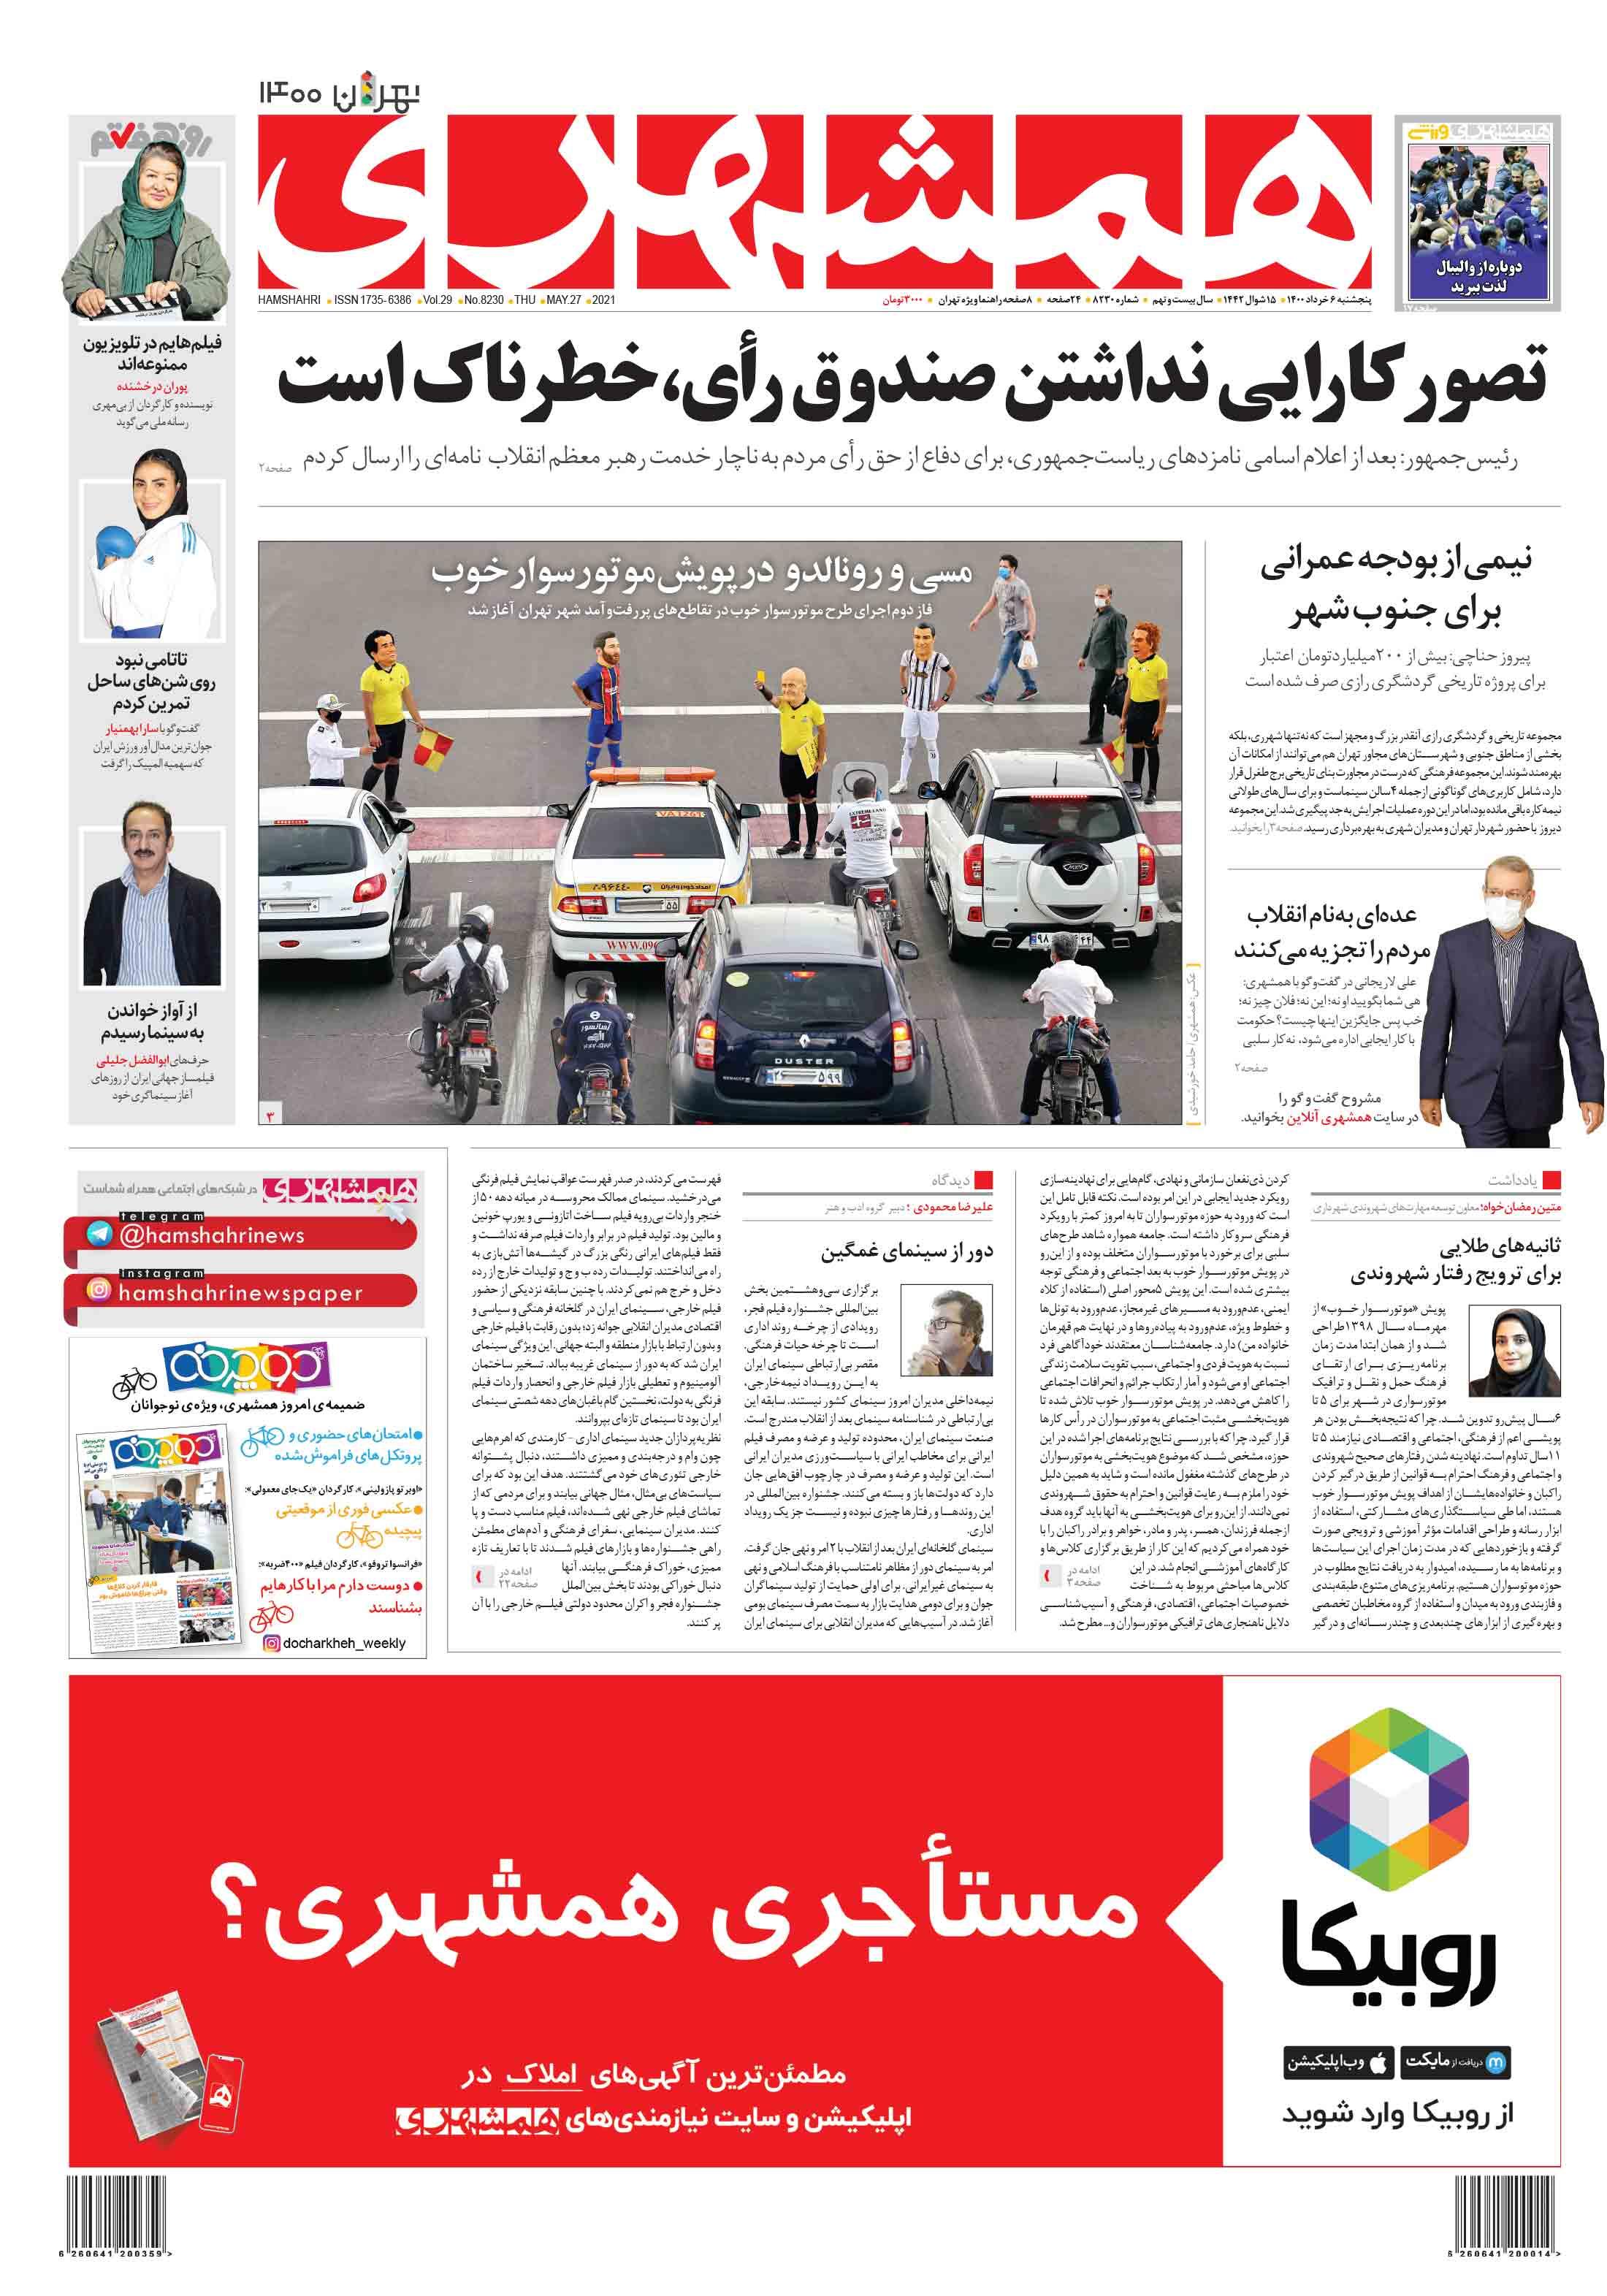 صفحه اول پنجشنبه 6 خرداد 1400